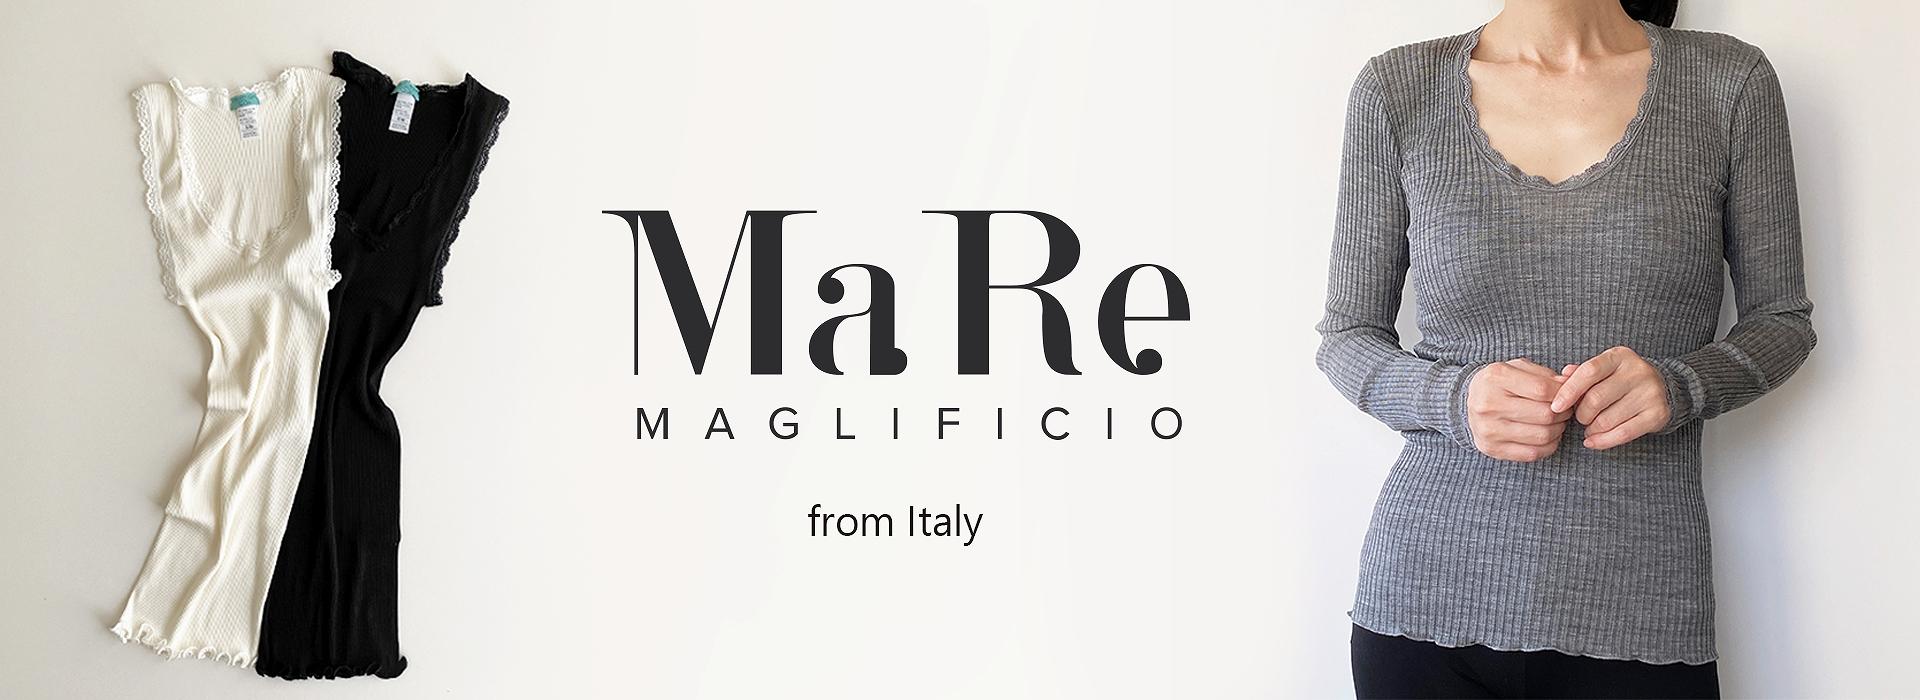 formuniform-topbanner